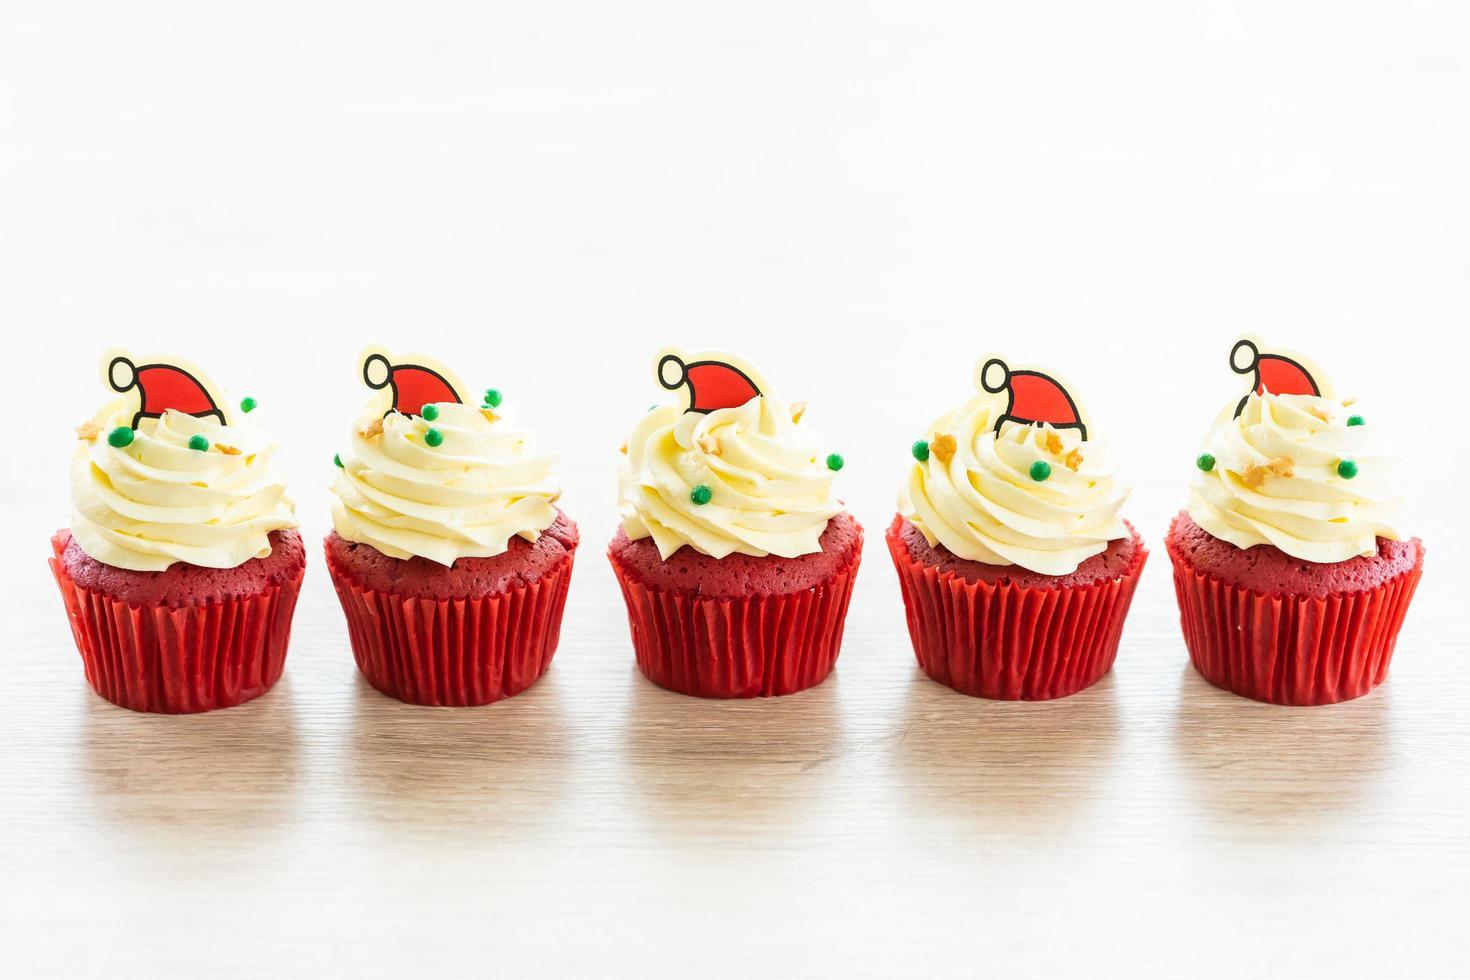 zoet dessert met cupcake rood fluweel foto